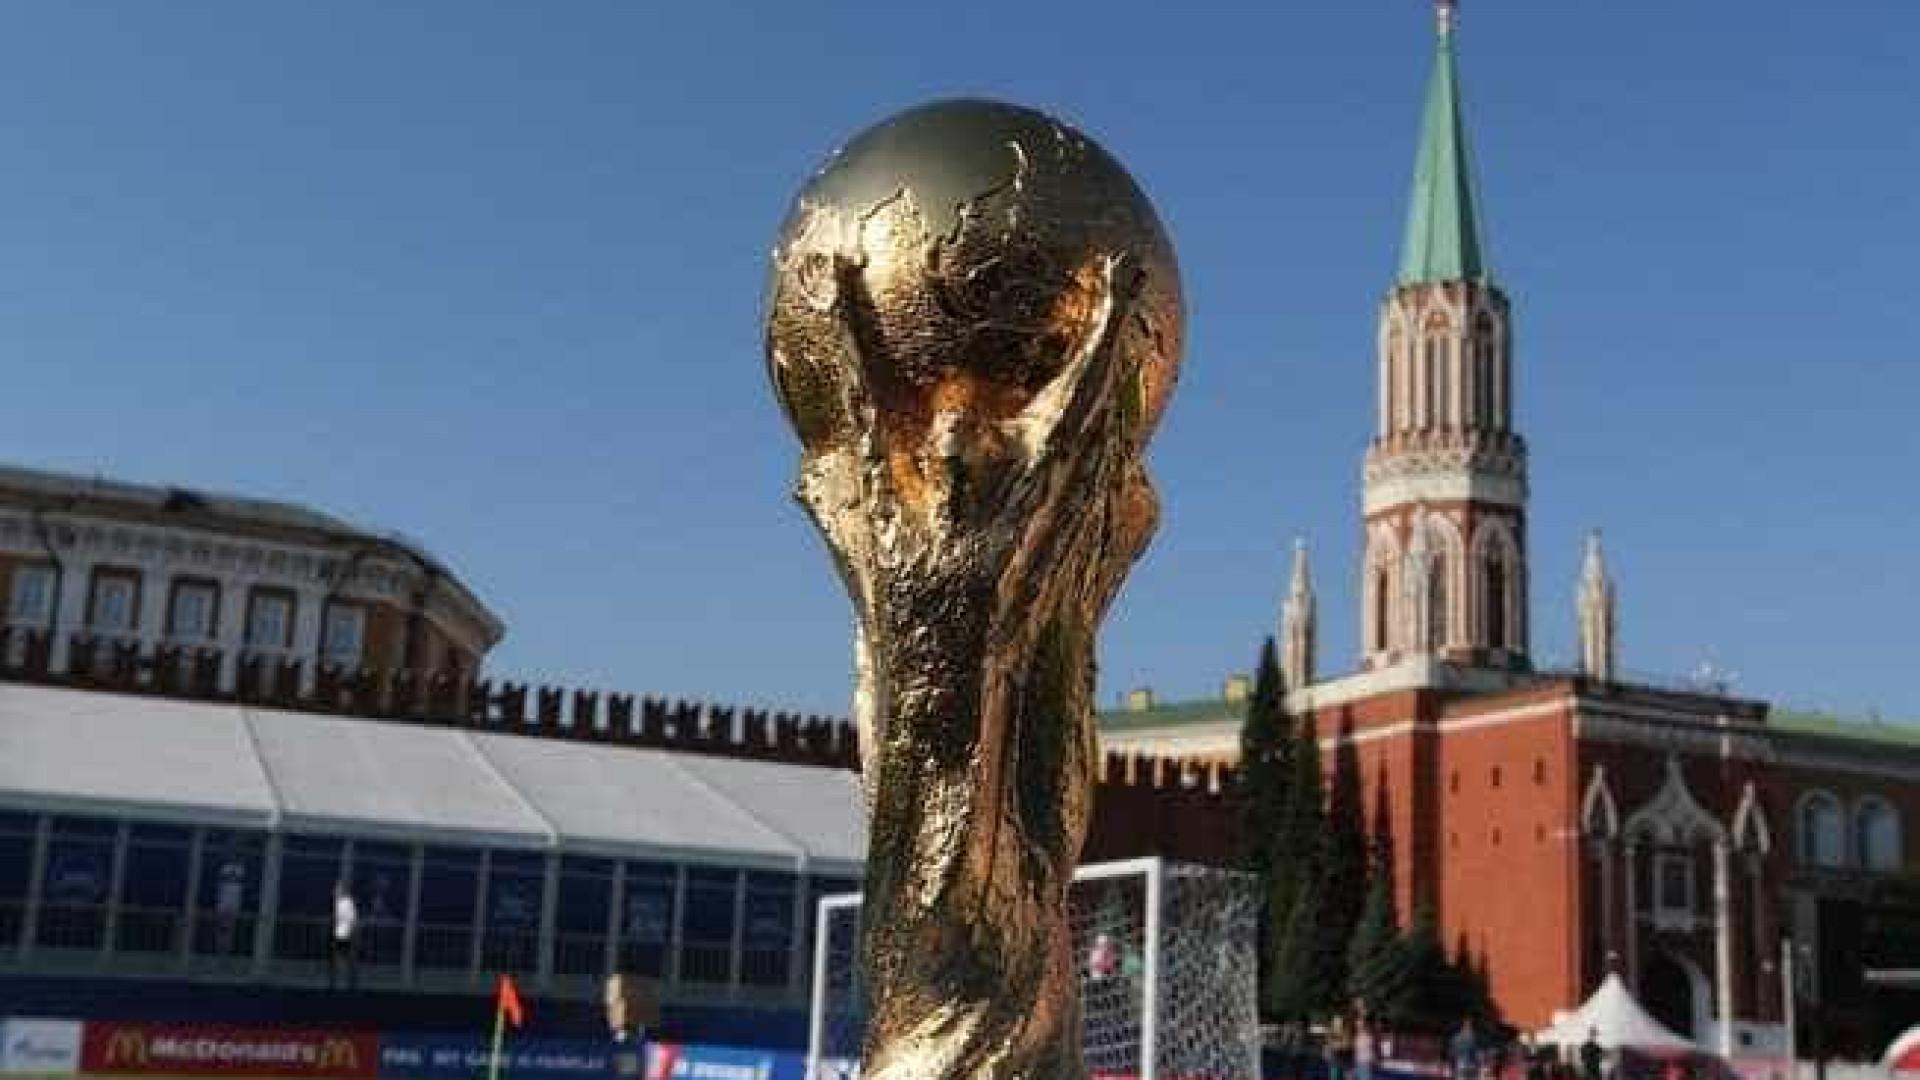 Marrocos candidata-se à organização do Mundial de futebol de 2026